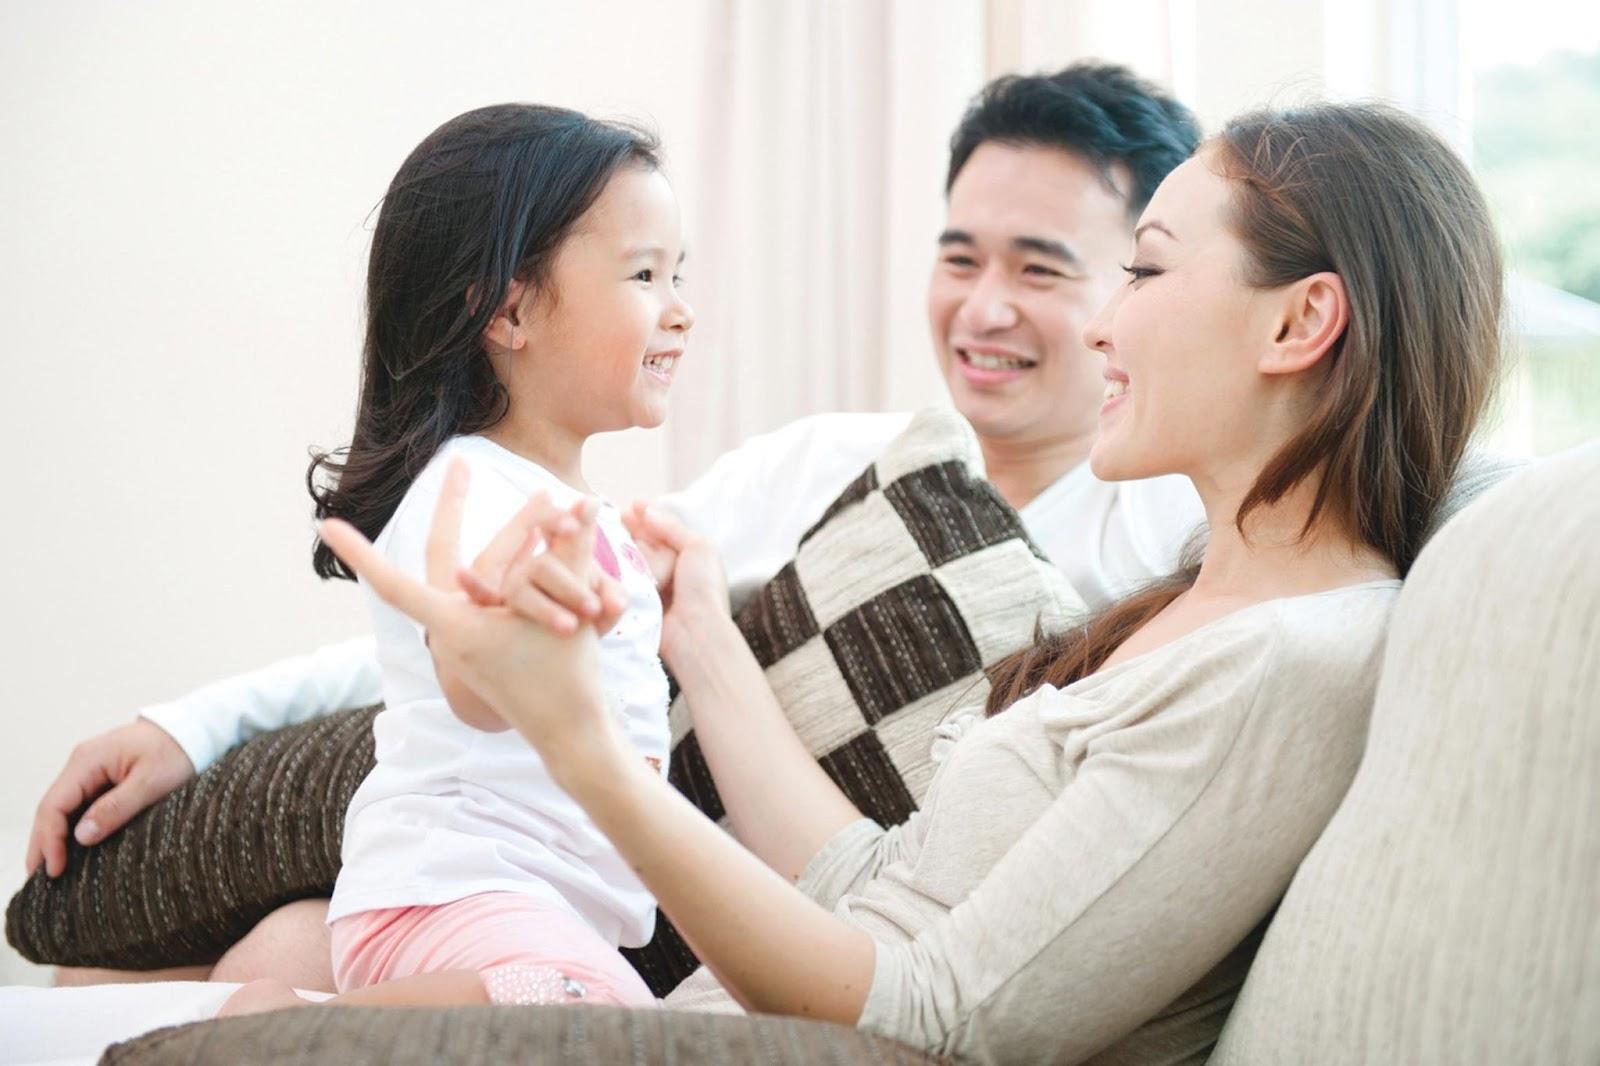 Máy nước nóng năng lượng mặt trời 140l cho gia đình nhỏ của bạn